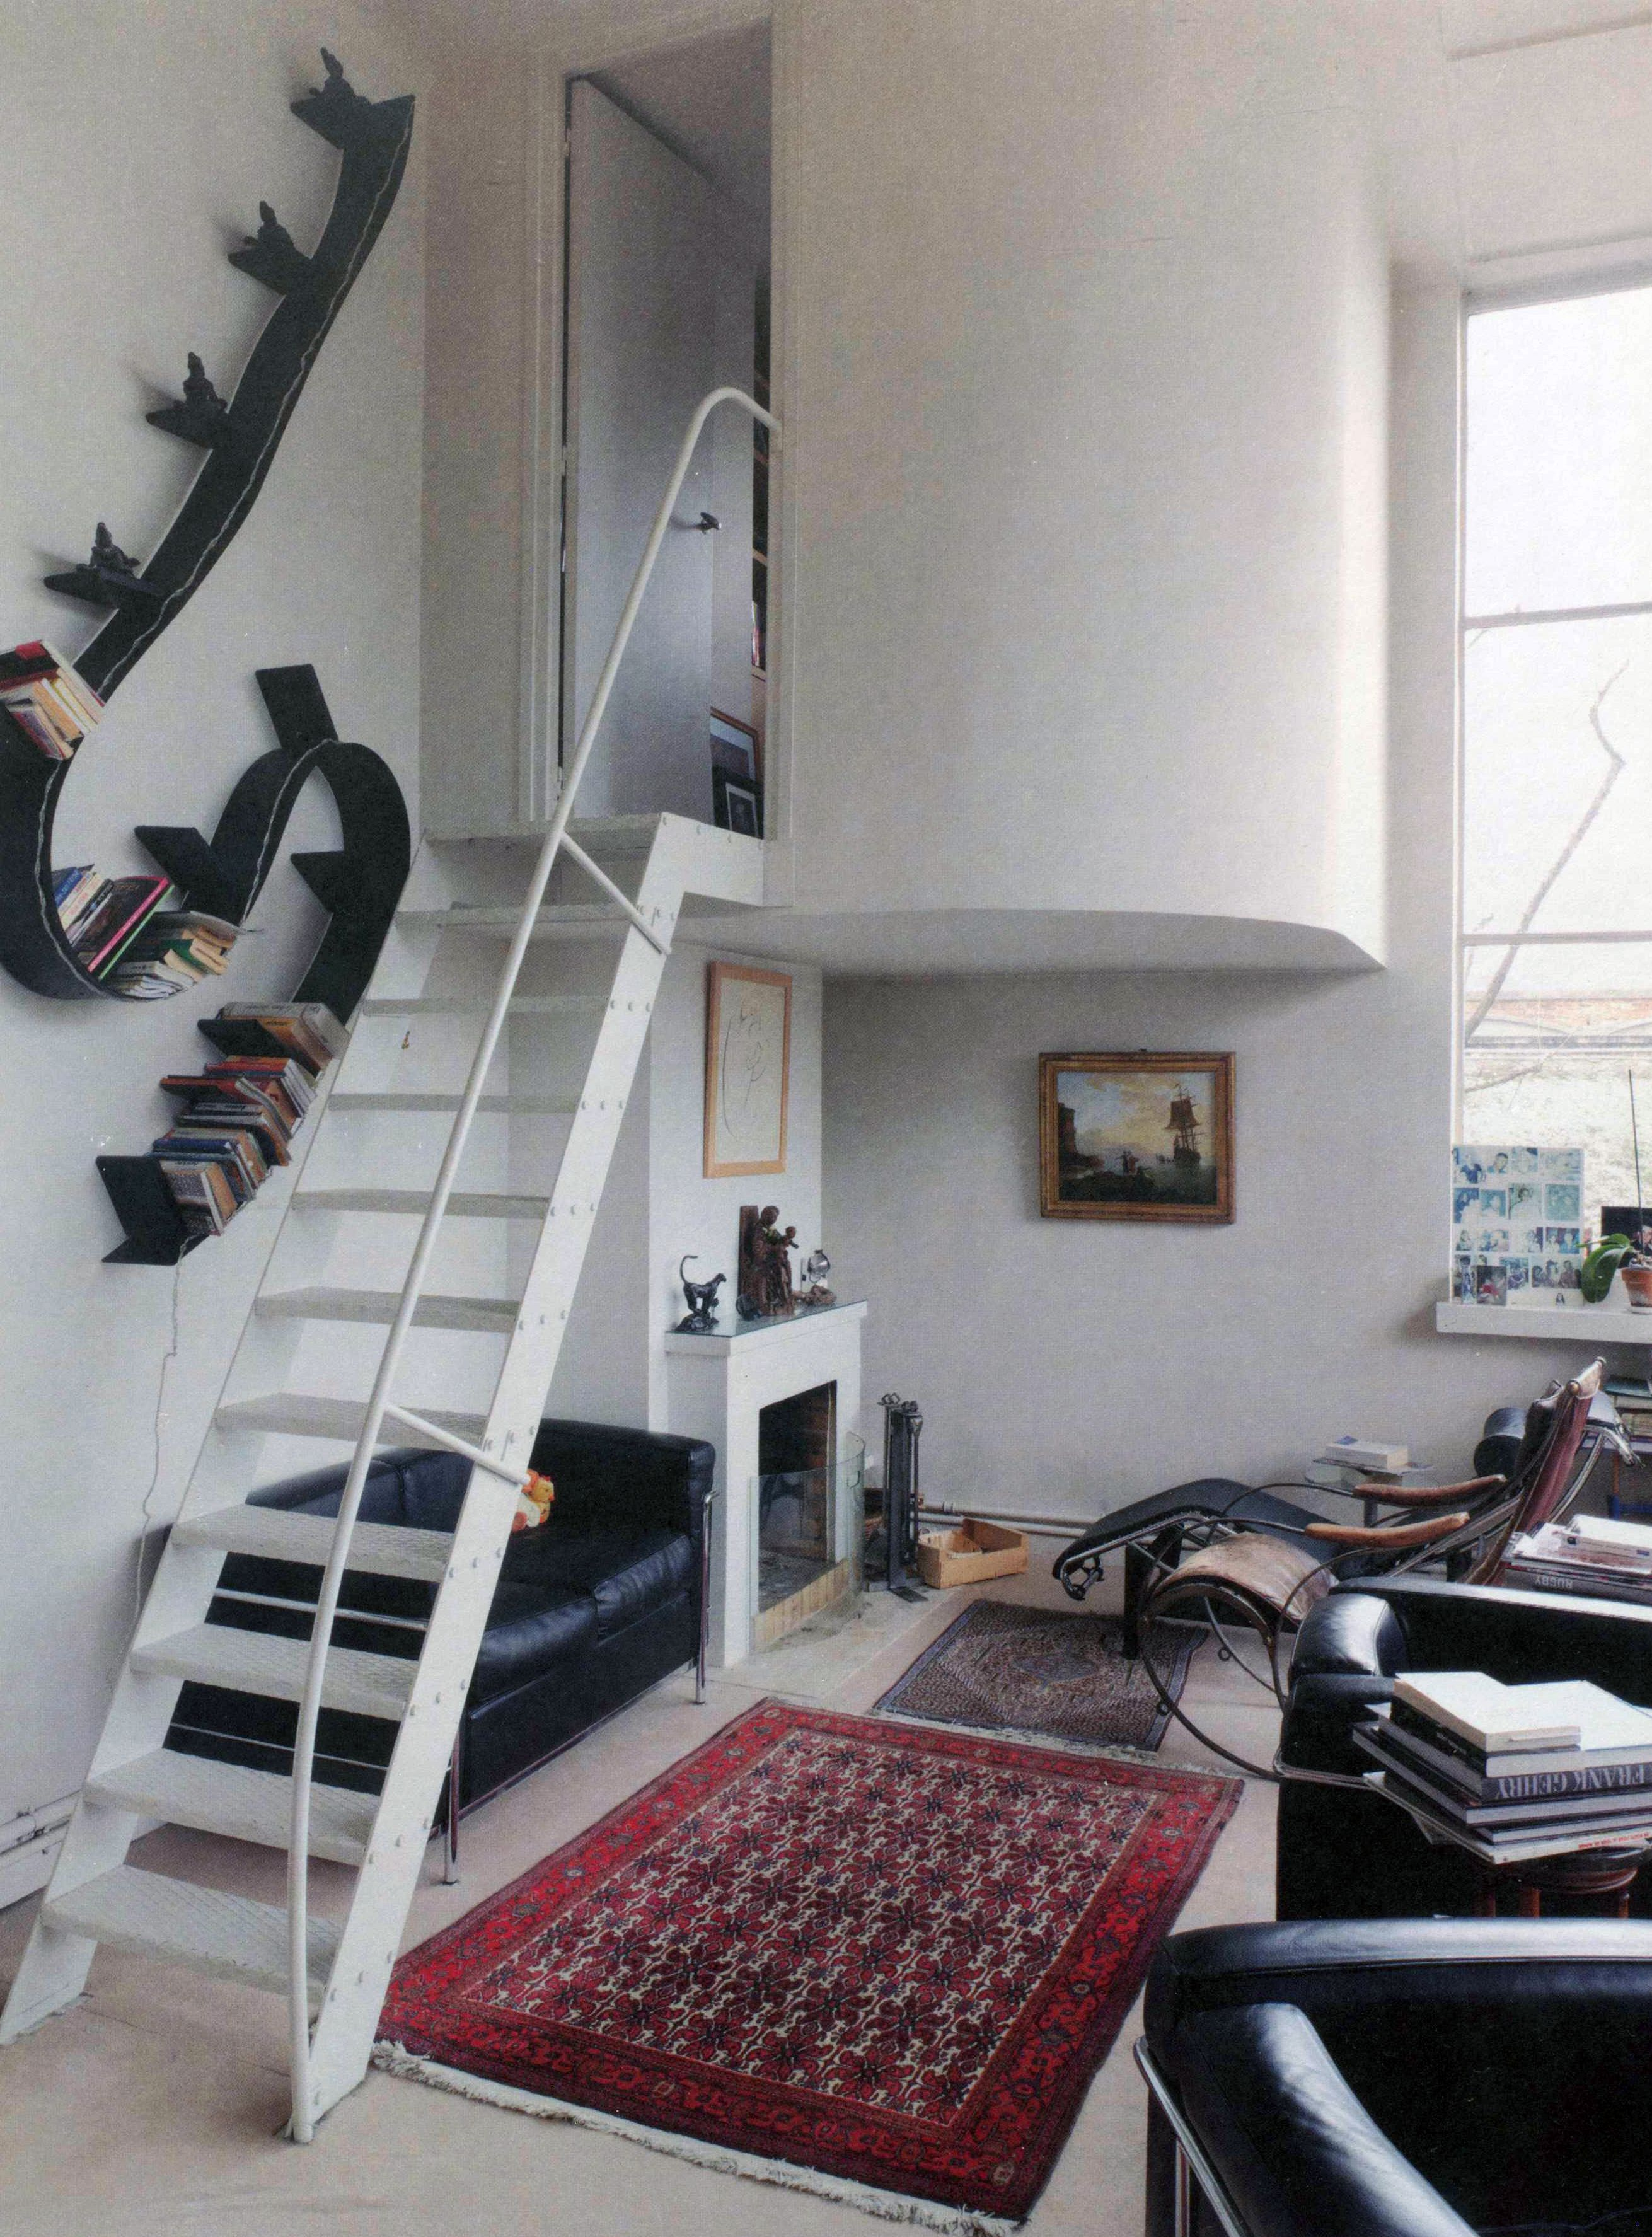 Maison Atelier Ozenfant Interior View